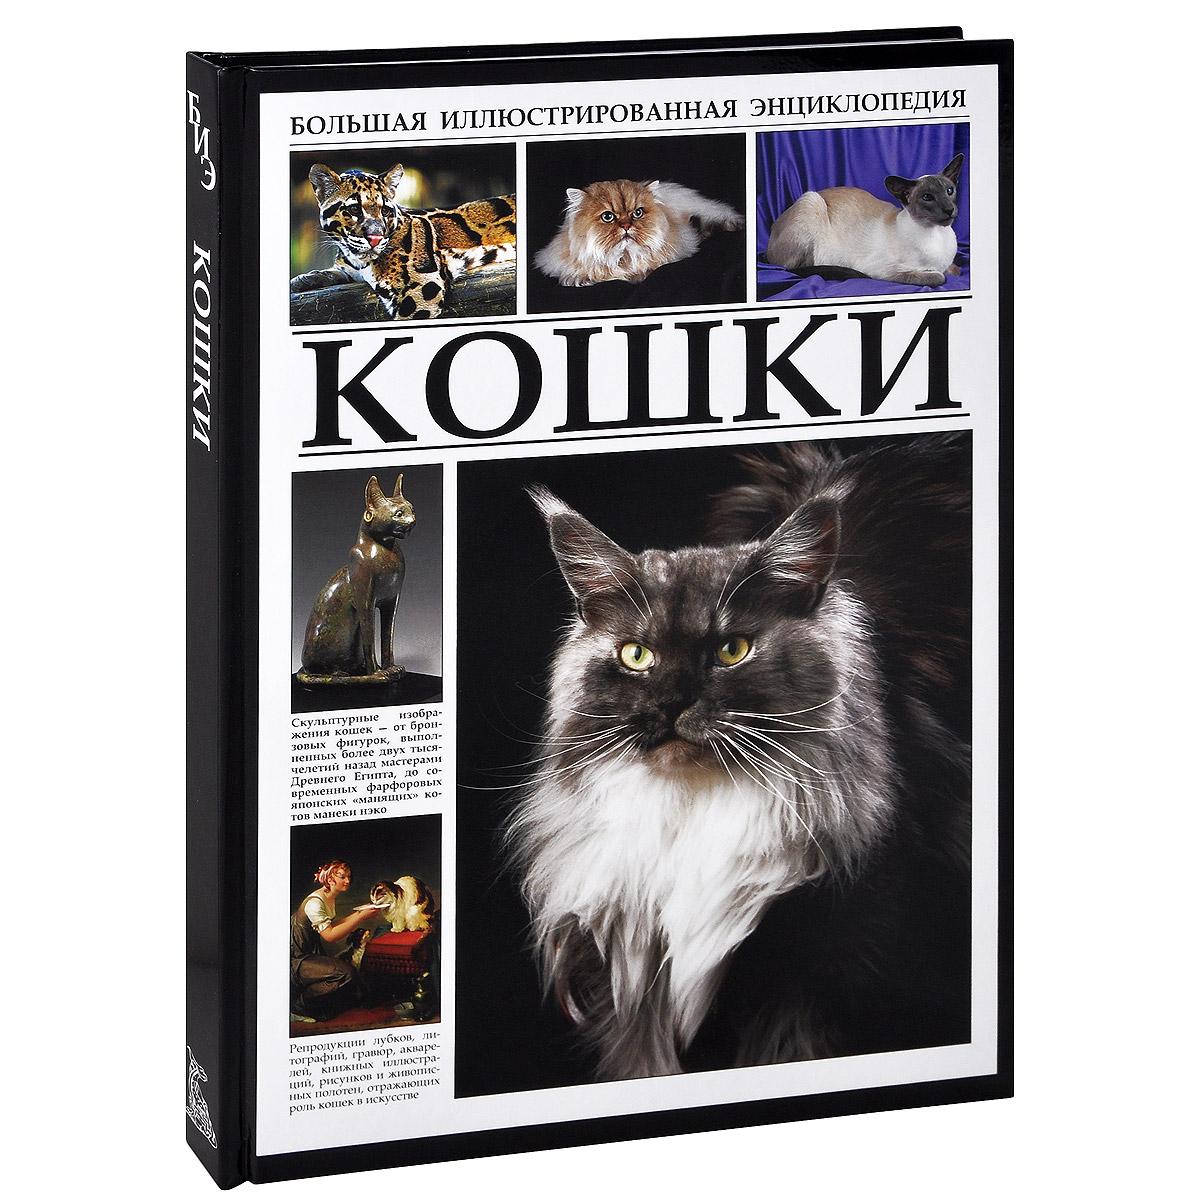 Кошки сара уайтхед как воспитать котенка практическое руководство для детей и их родителей